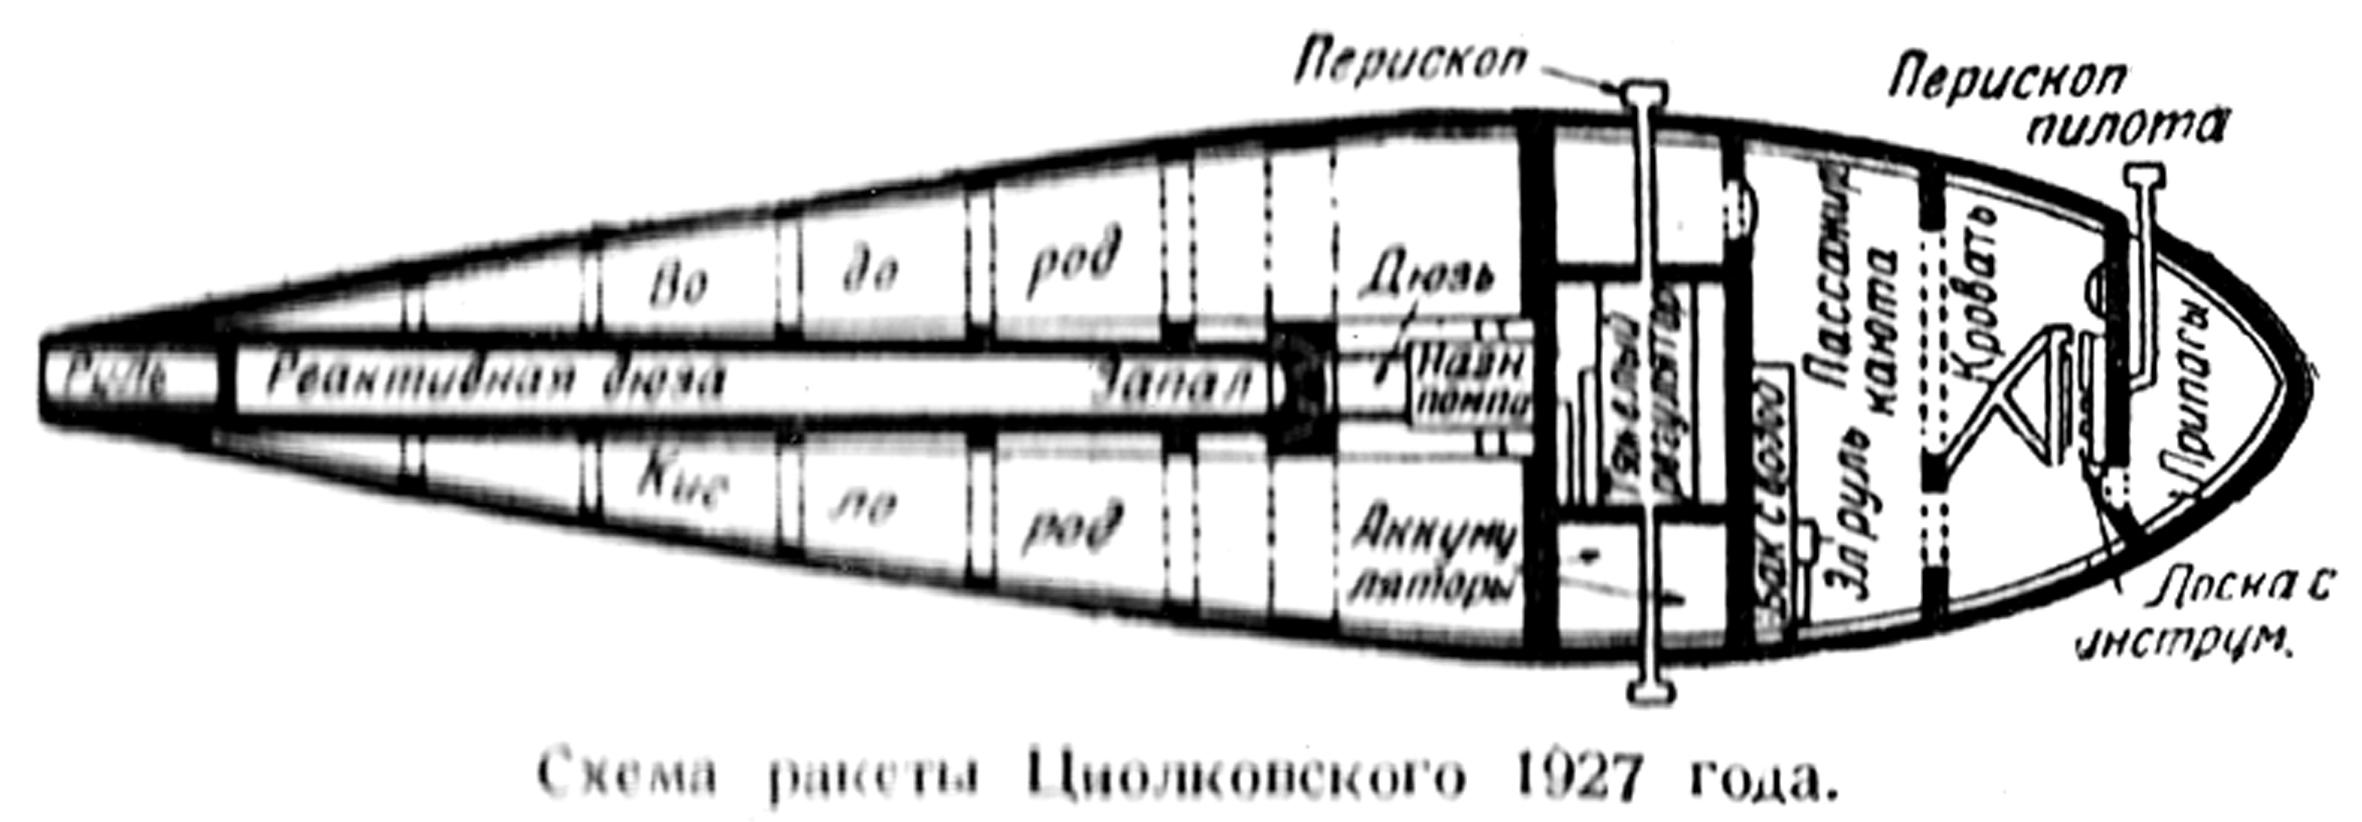 проект ракеты циолковского картинки происхождении